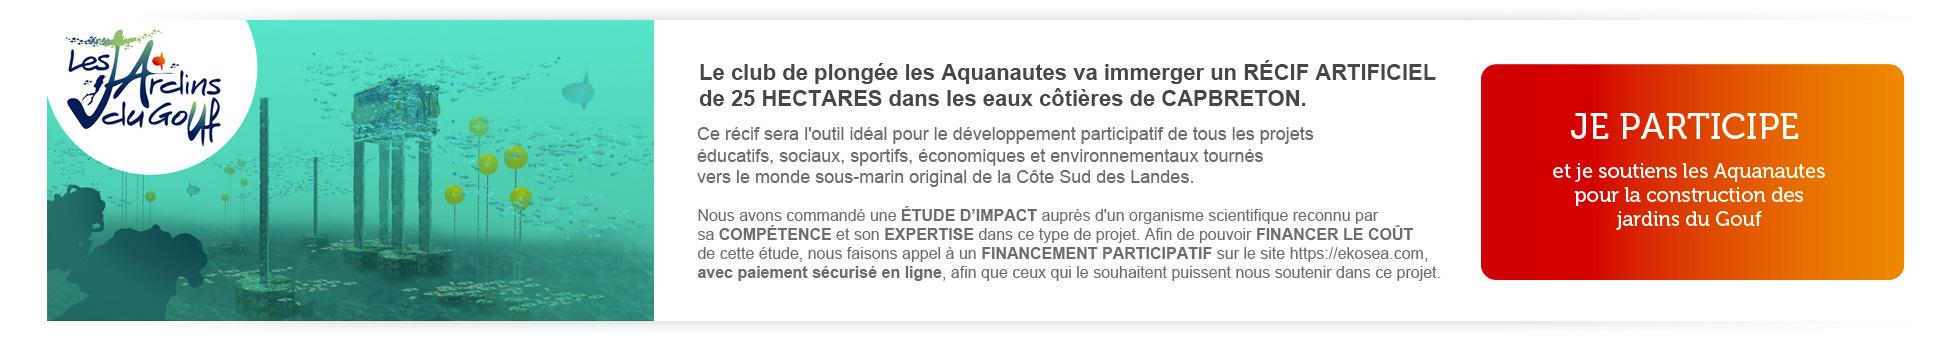 Soutenir les Aquanautes pour les Jardins du Gouf - financement participatif sur ekosea.com